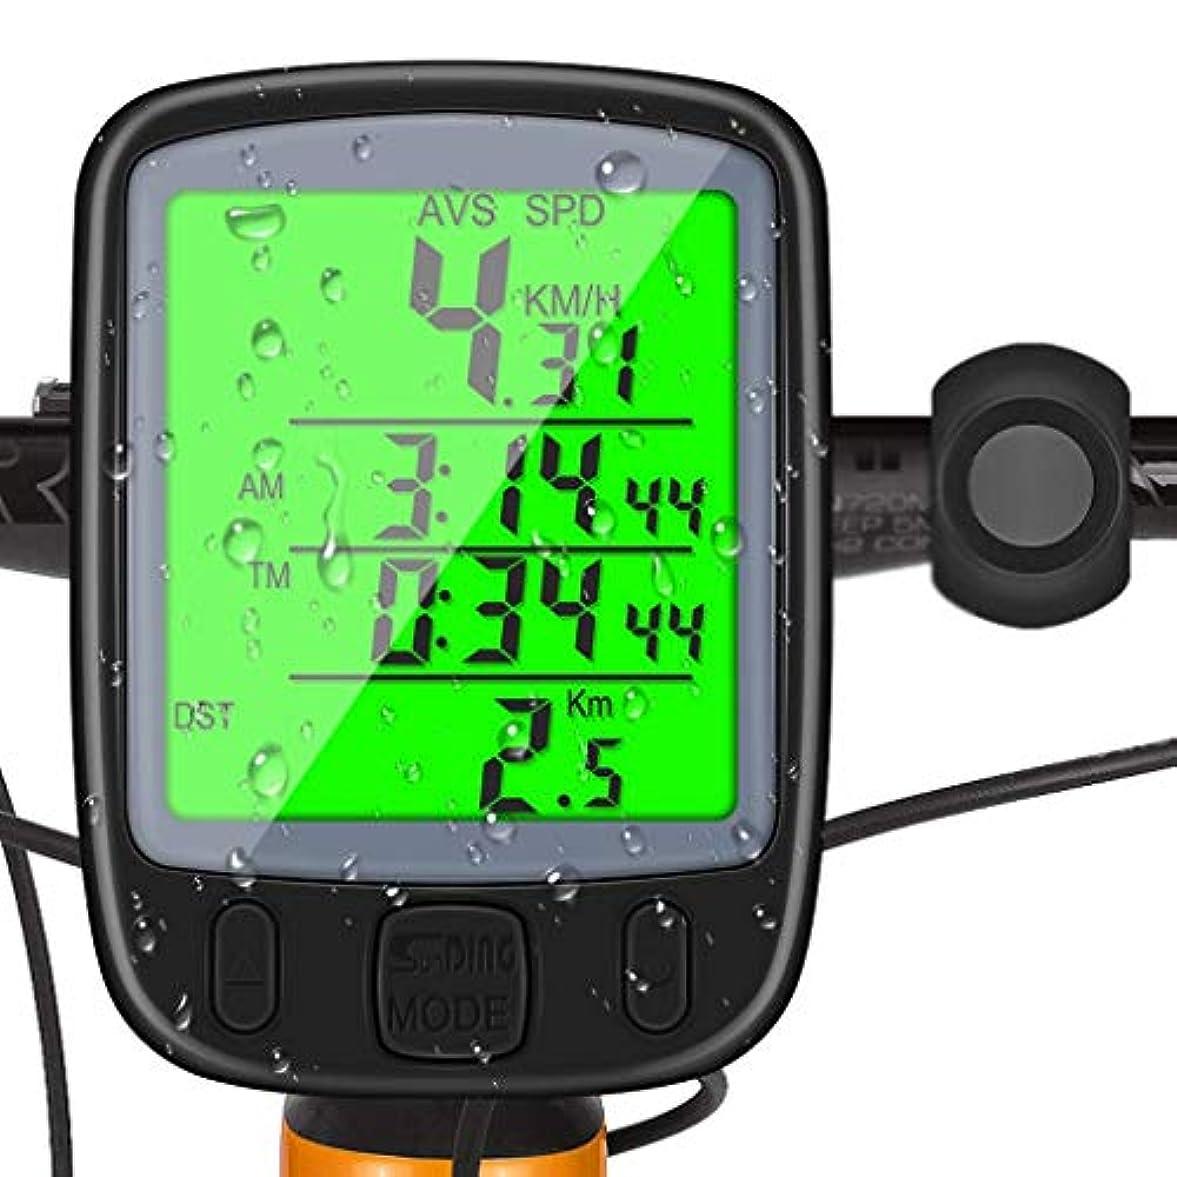 報復湿原起業家FH-13 防水デジタルL-C-Dサイクル自転車自転車コンピュータ走行距離スピードメーター自転車グリーンバックライトバイクコンピューター DN (Color : Black)